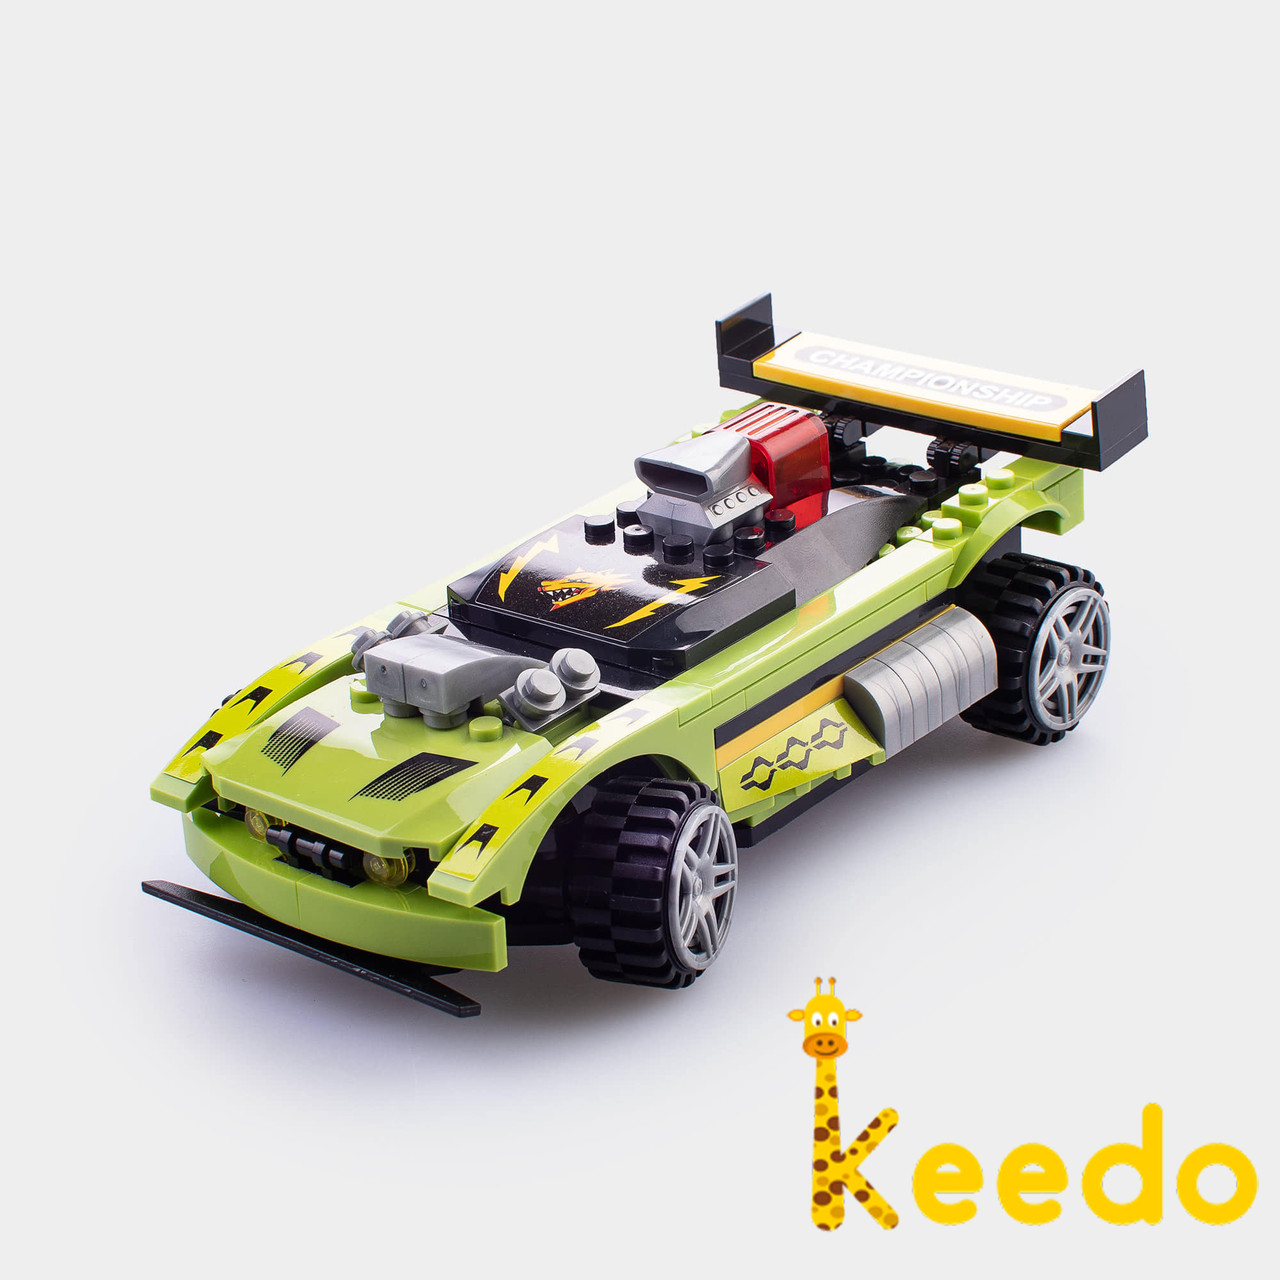 Детский конструктор Champion Машинка с пультом управления WINNER 187 детали